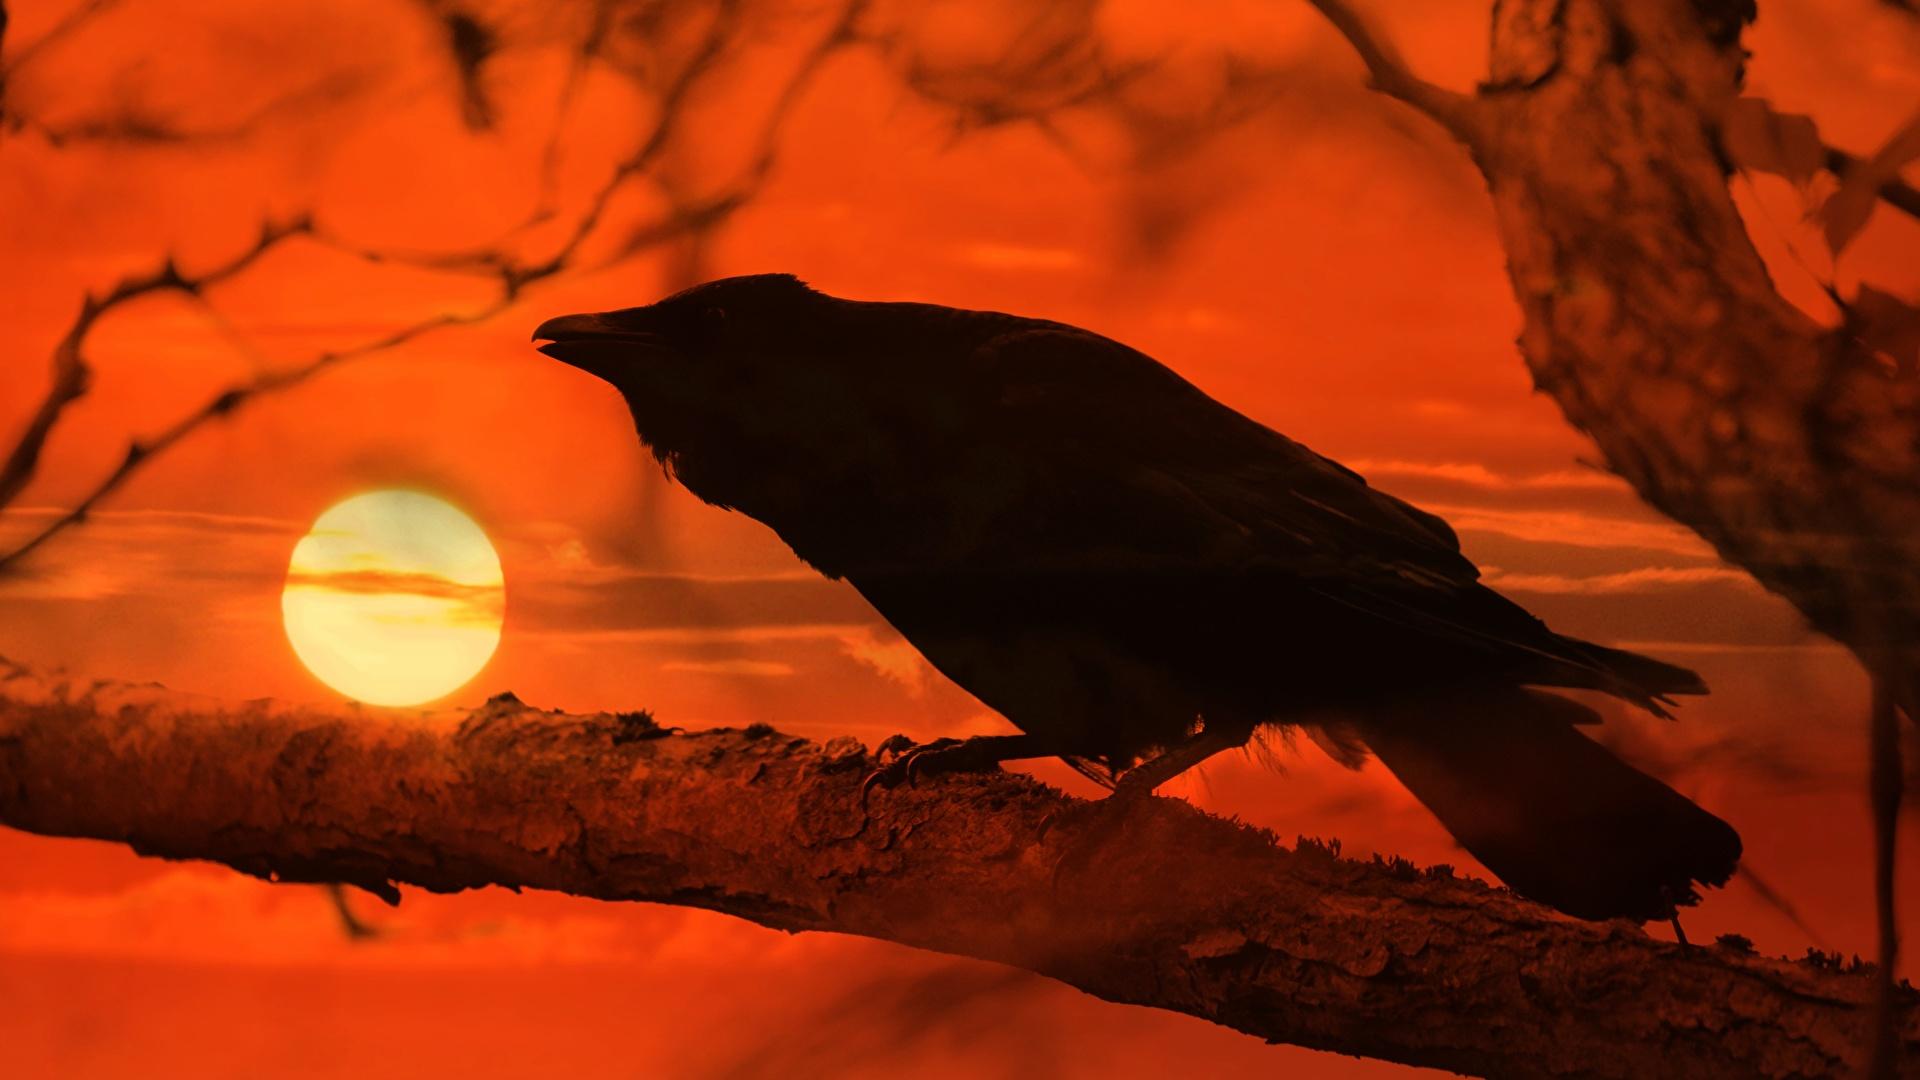 Bilder von Aaskrähe Sonne Sonnenaufgänge und Sonnenuntergänge Ast ein Tier 1920x1080 Tiere